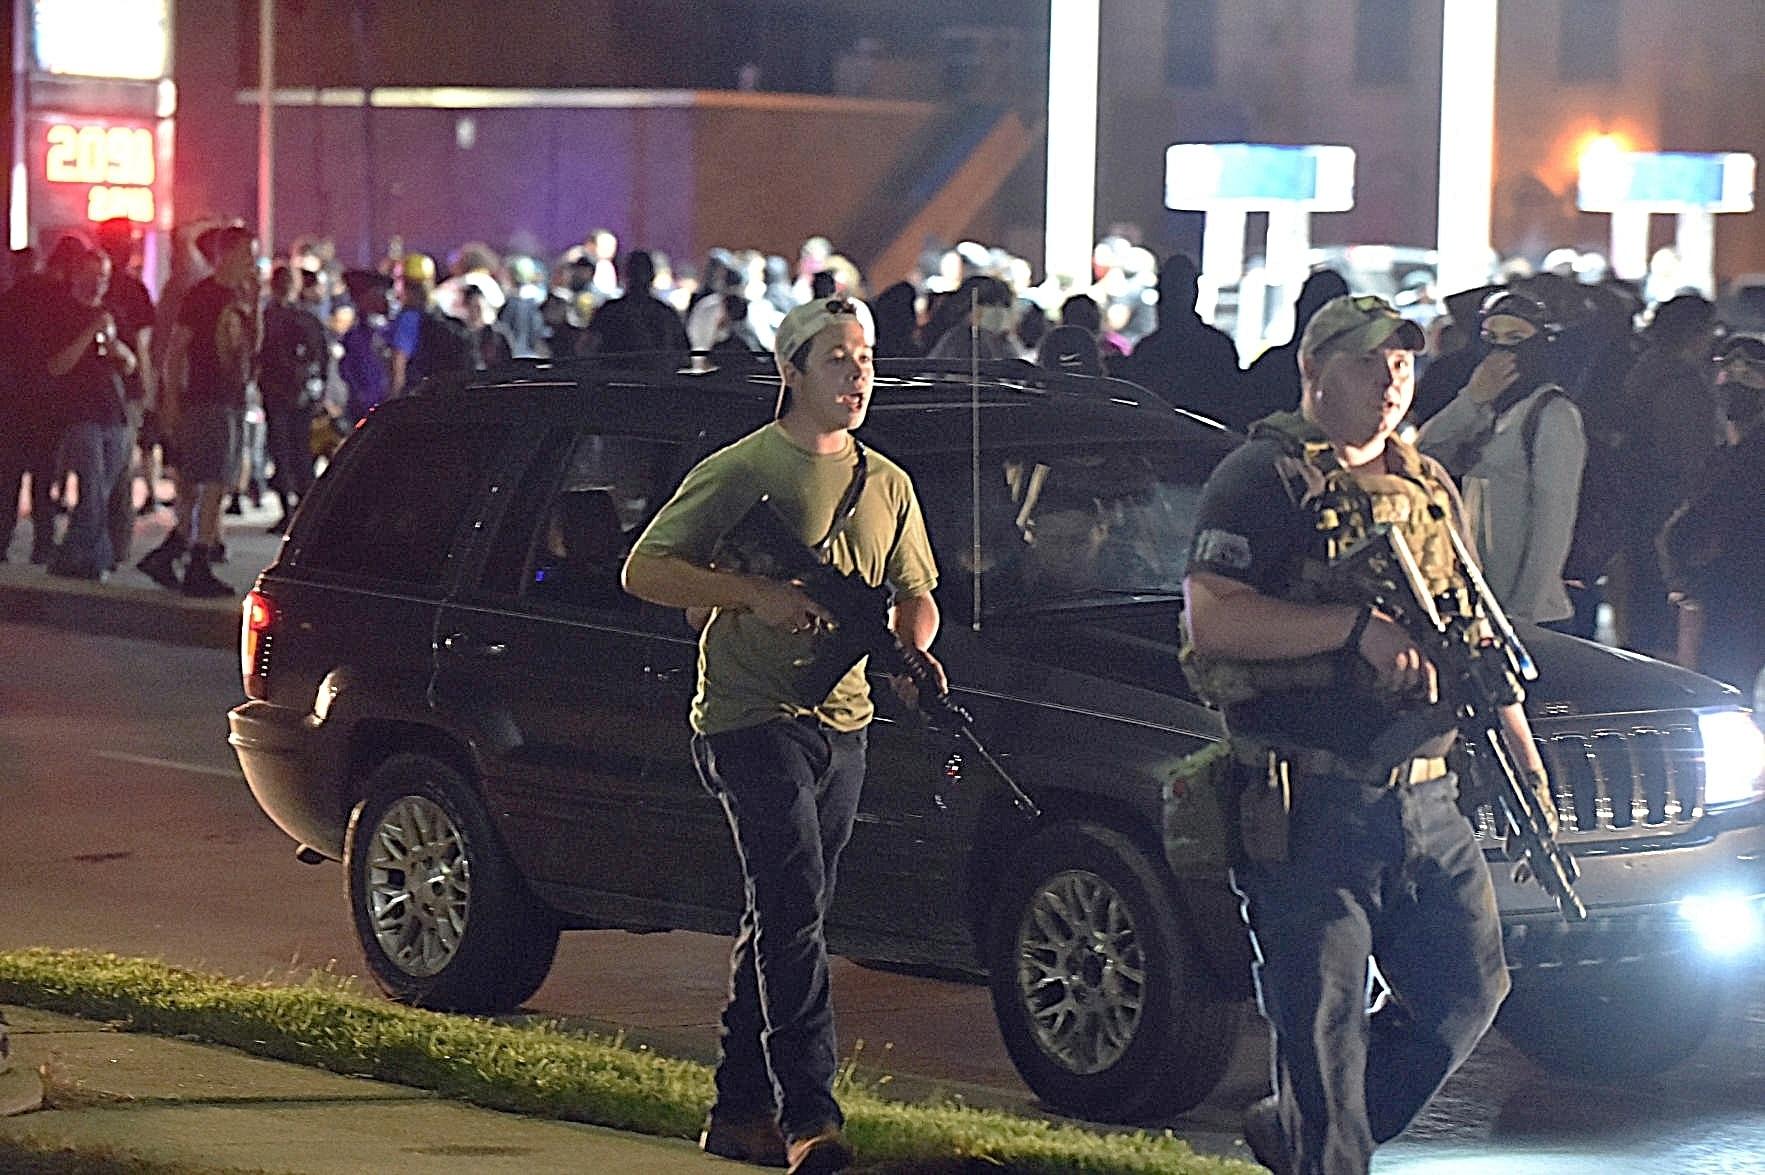 17歳のカイルリッテンハウスは、ジェイコブブレイクの射撃に抗議していた2人の男性を射殺し、もう1人を負傷させたとして告発されました。